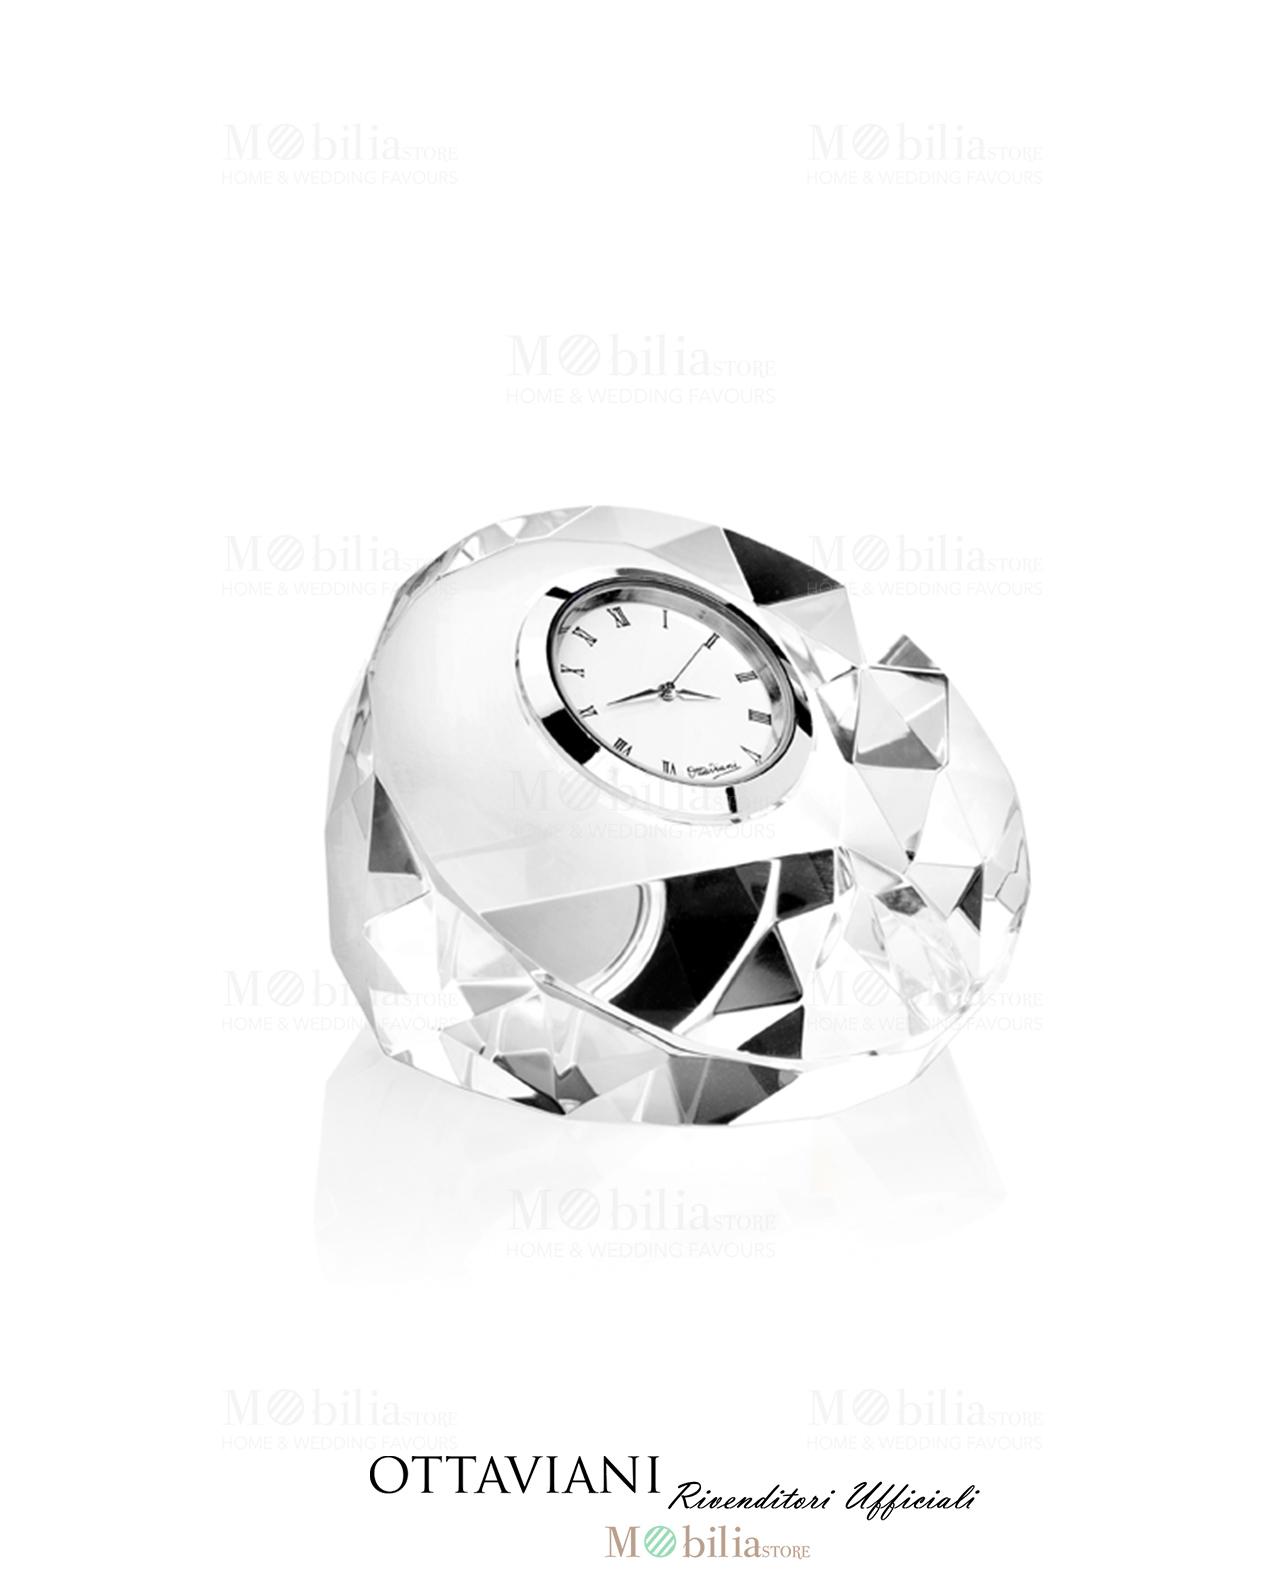 Bomboniera ottaviani orologio da tavolo tondo in cristallo mobilia store home favours - Ottaviani orologio da tavolo ...